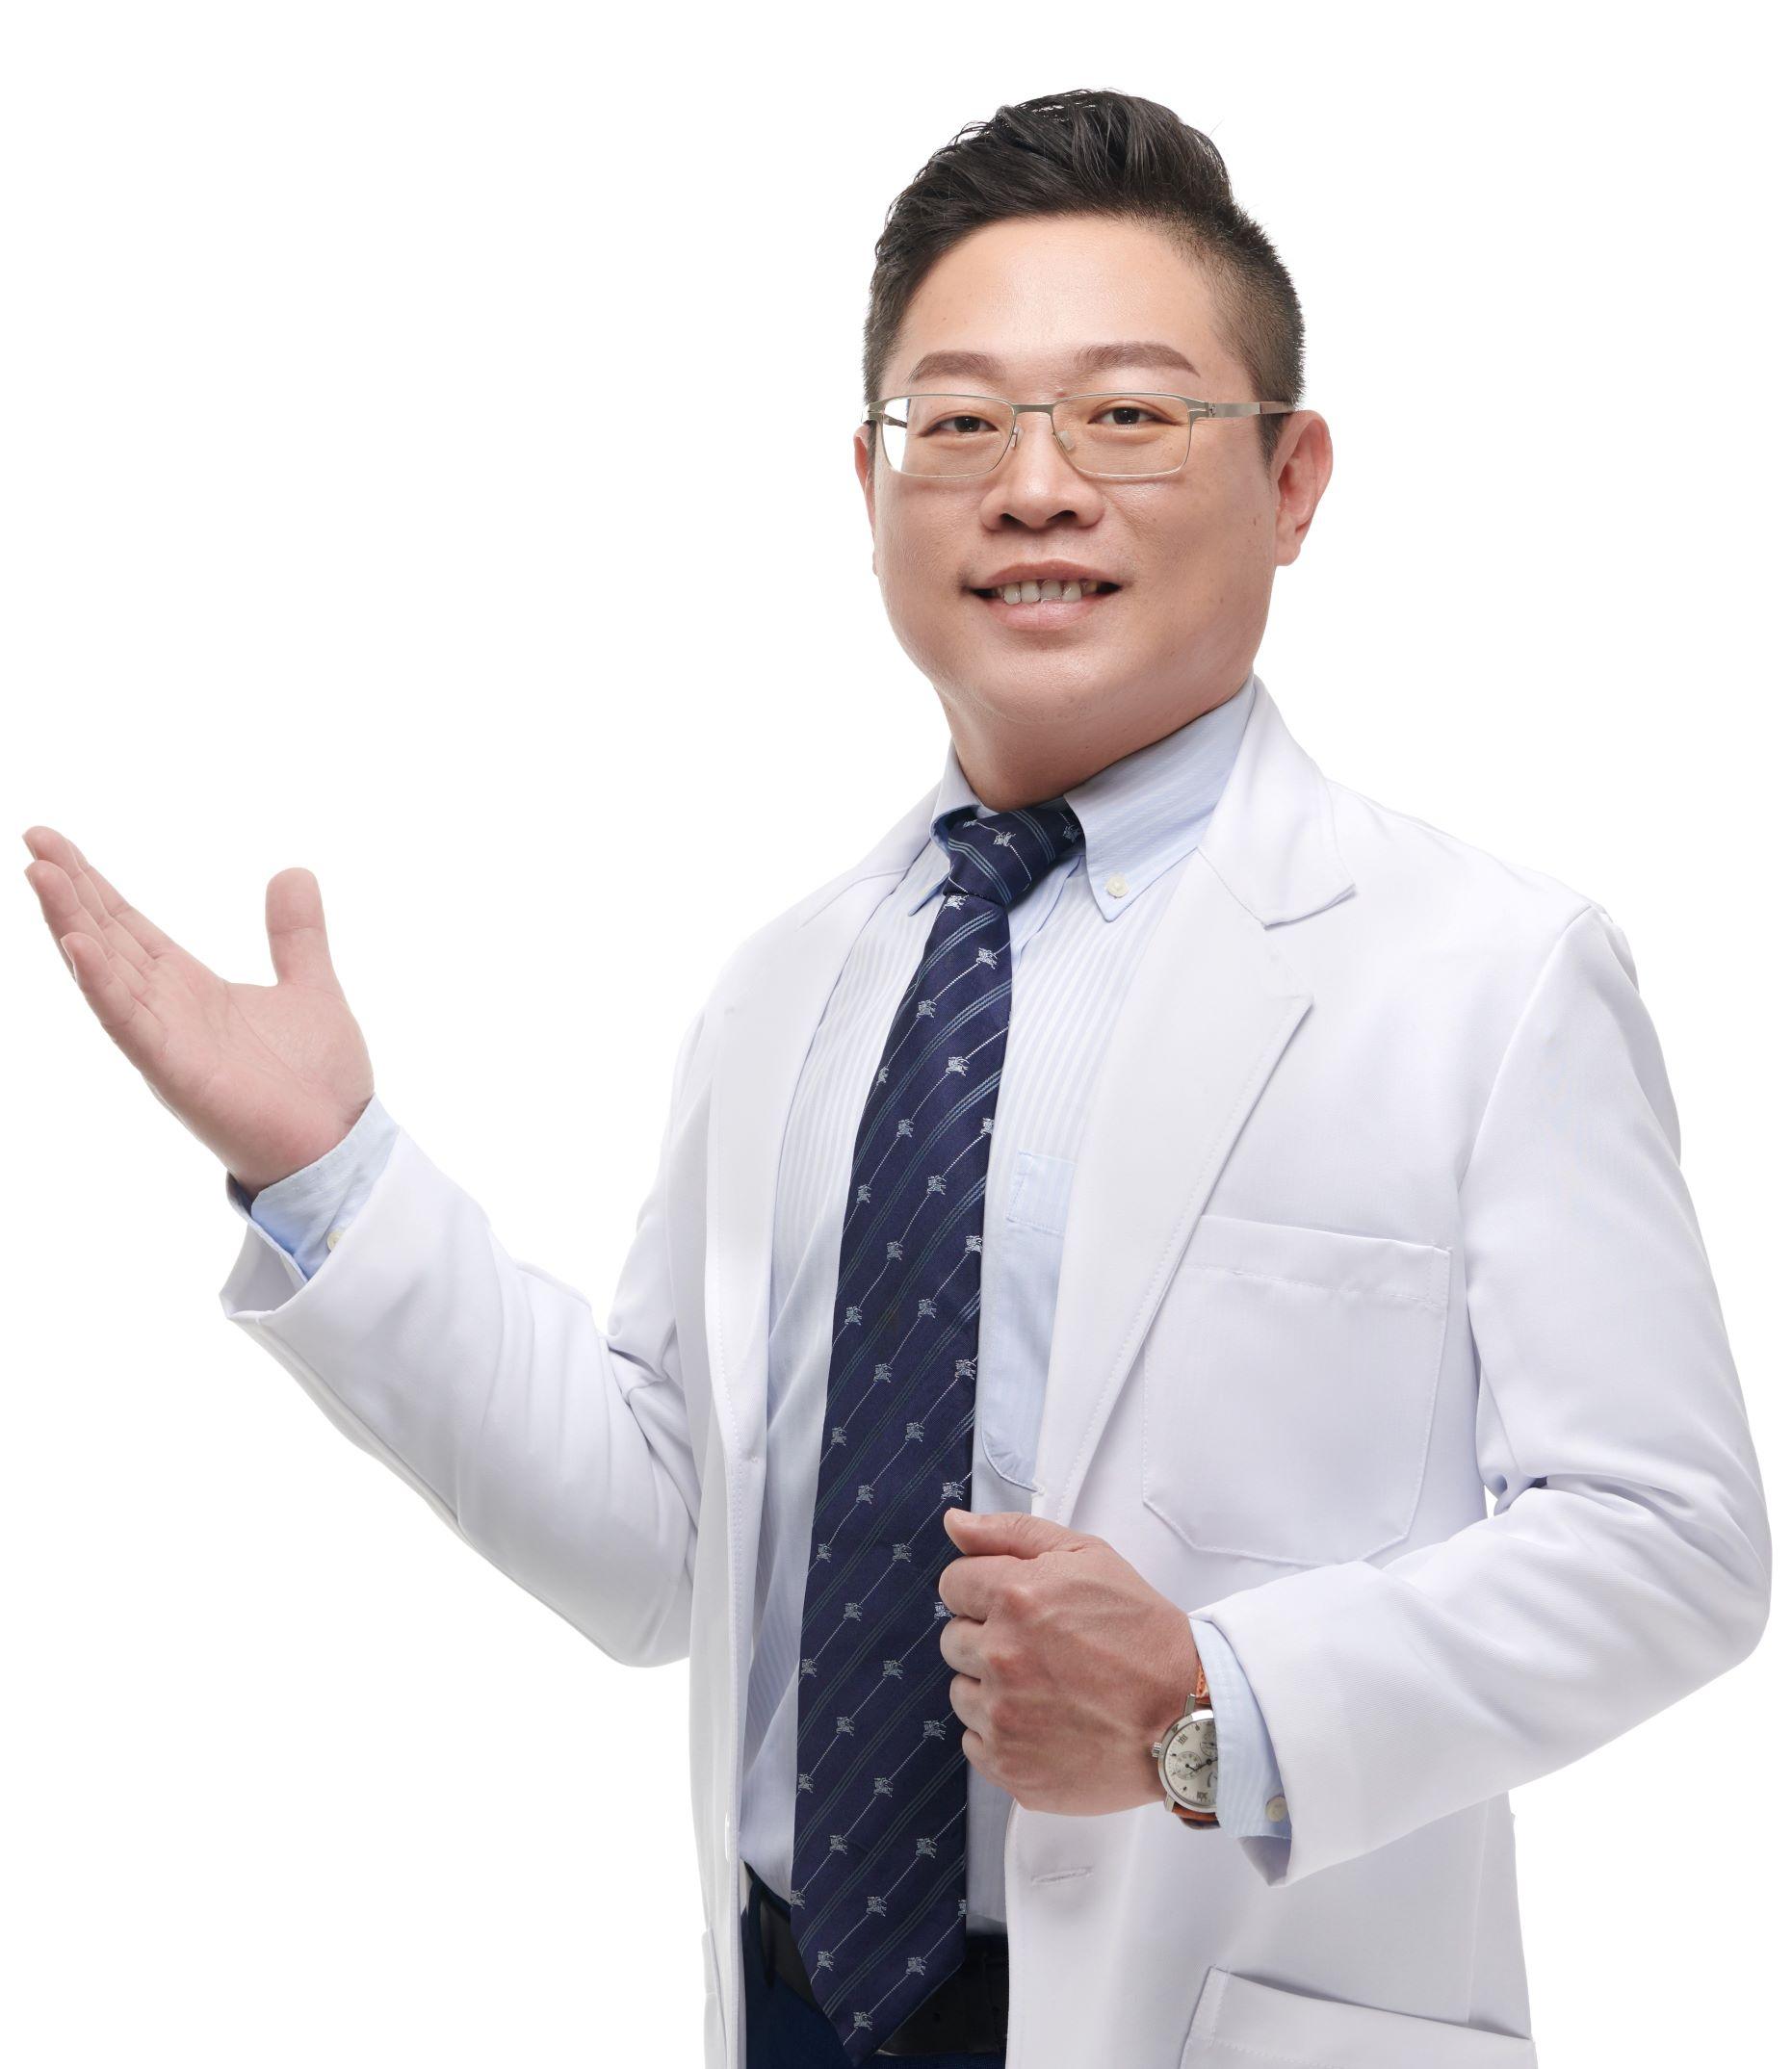 徐光漢 醫師